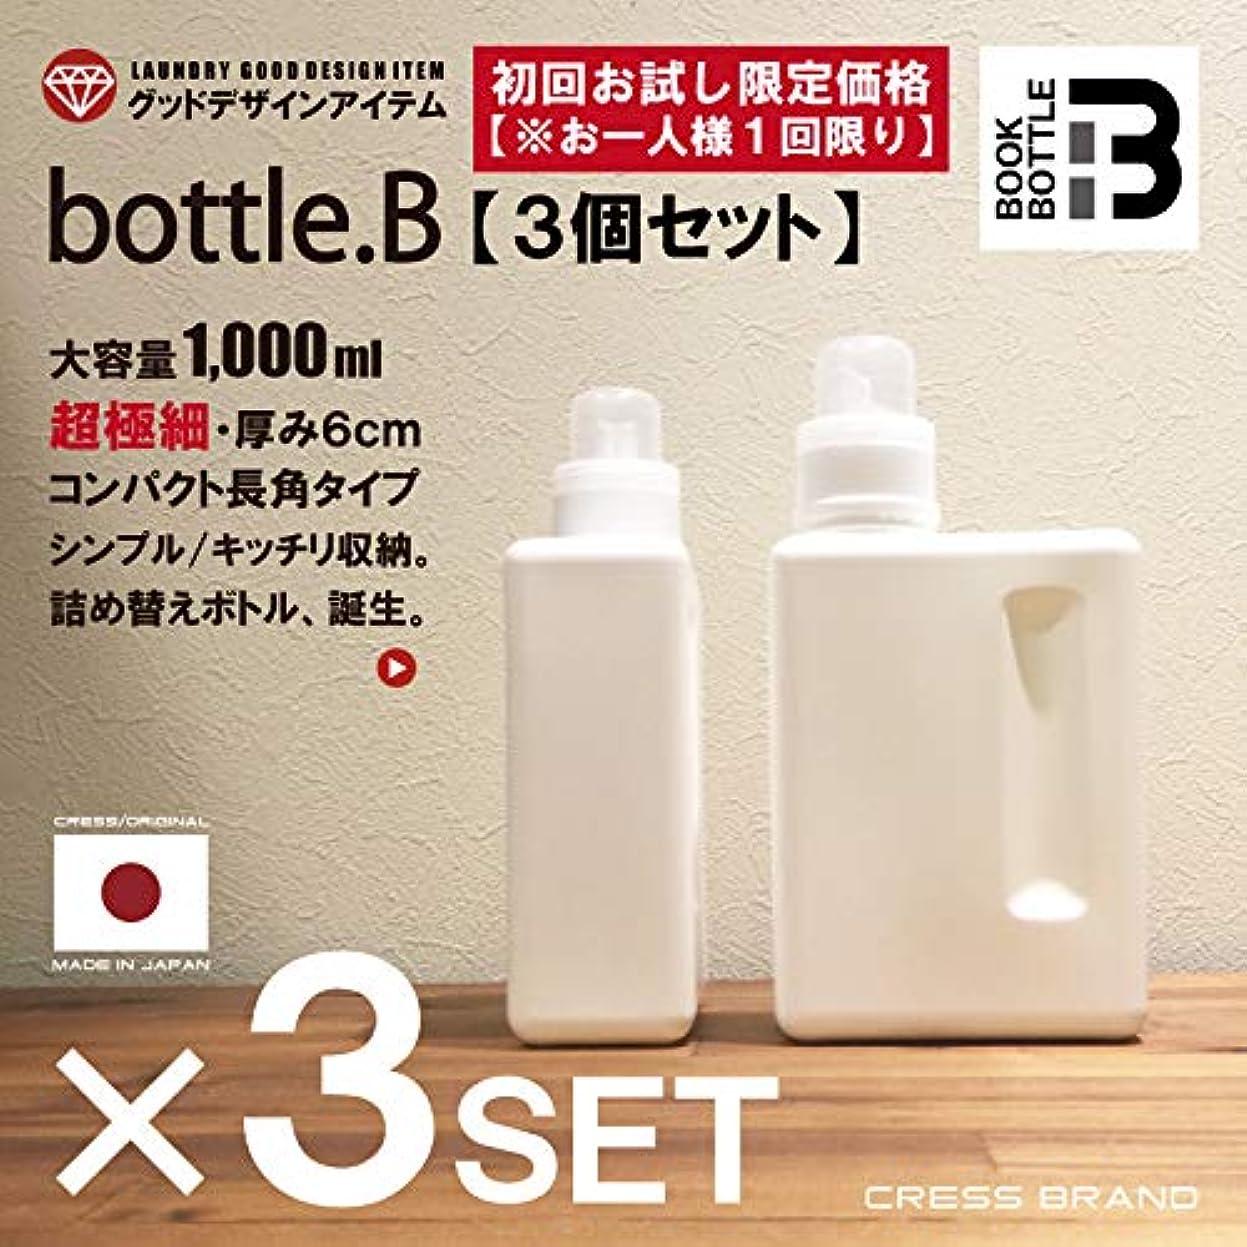 革命的元気な計器<3個セット>bottle.B-3set【初回お試し限定価格?お一人さ様1回限り】[クレス?オリジナルボトル]1000ml BOOK-BOTTLE